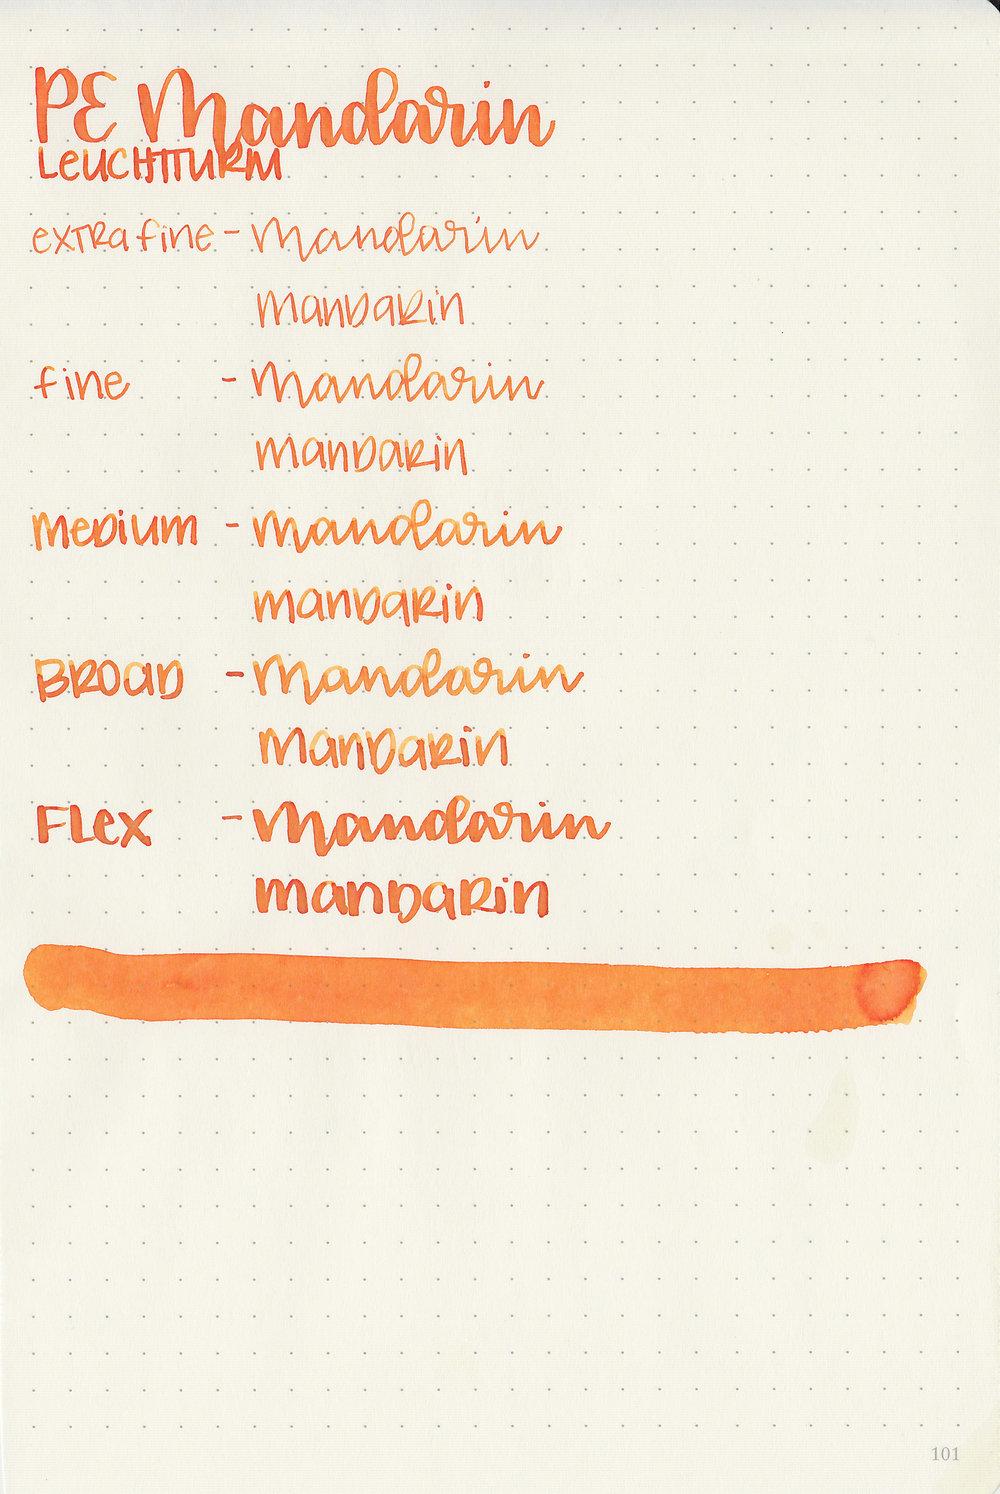 pe-mandarin-2.jpg